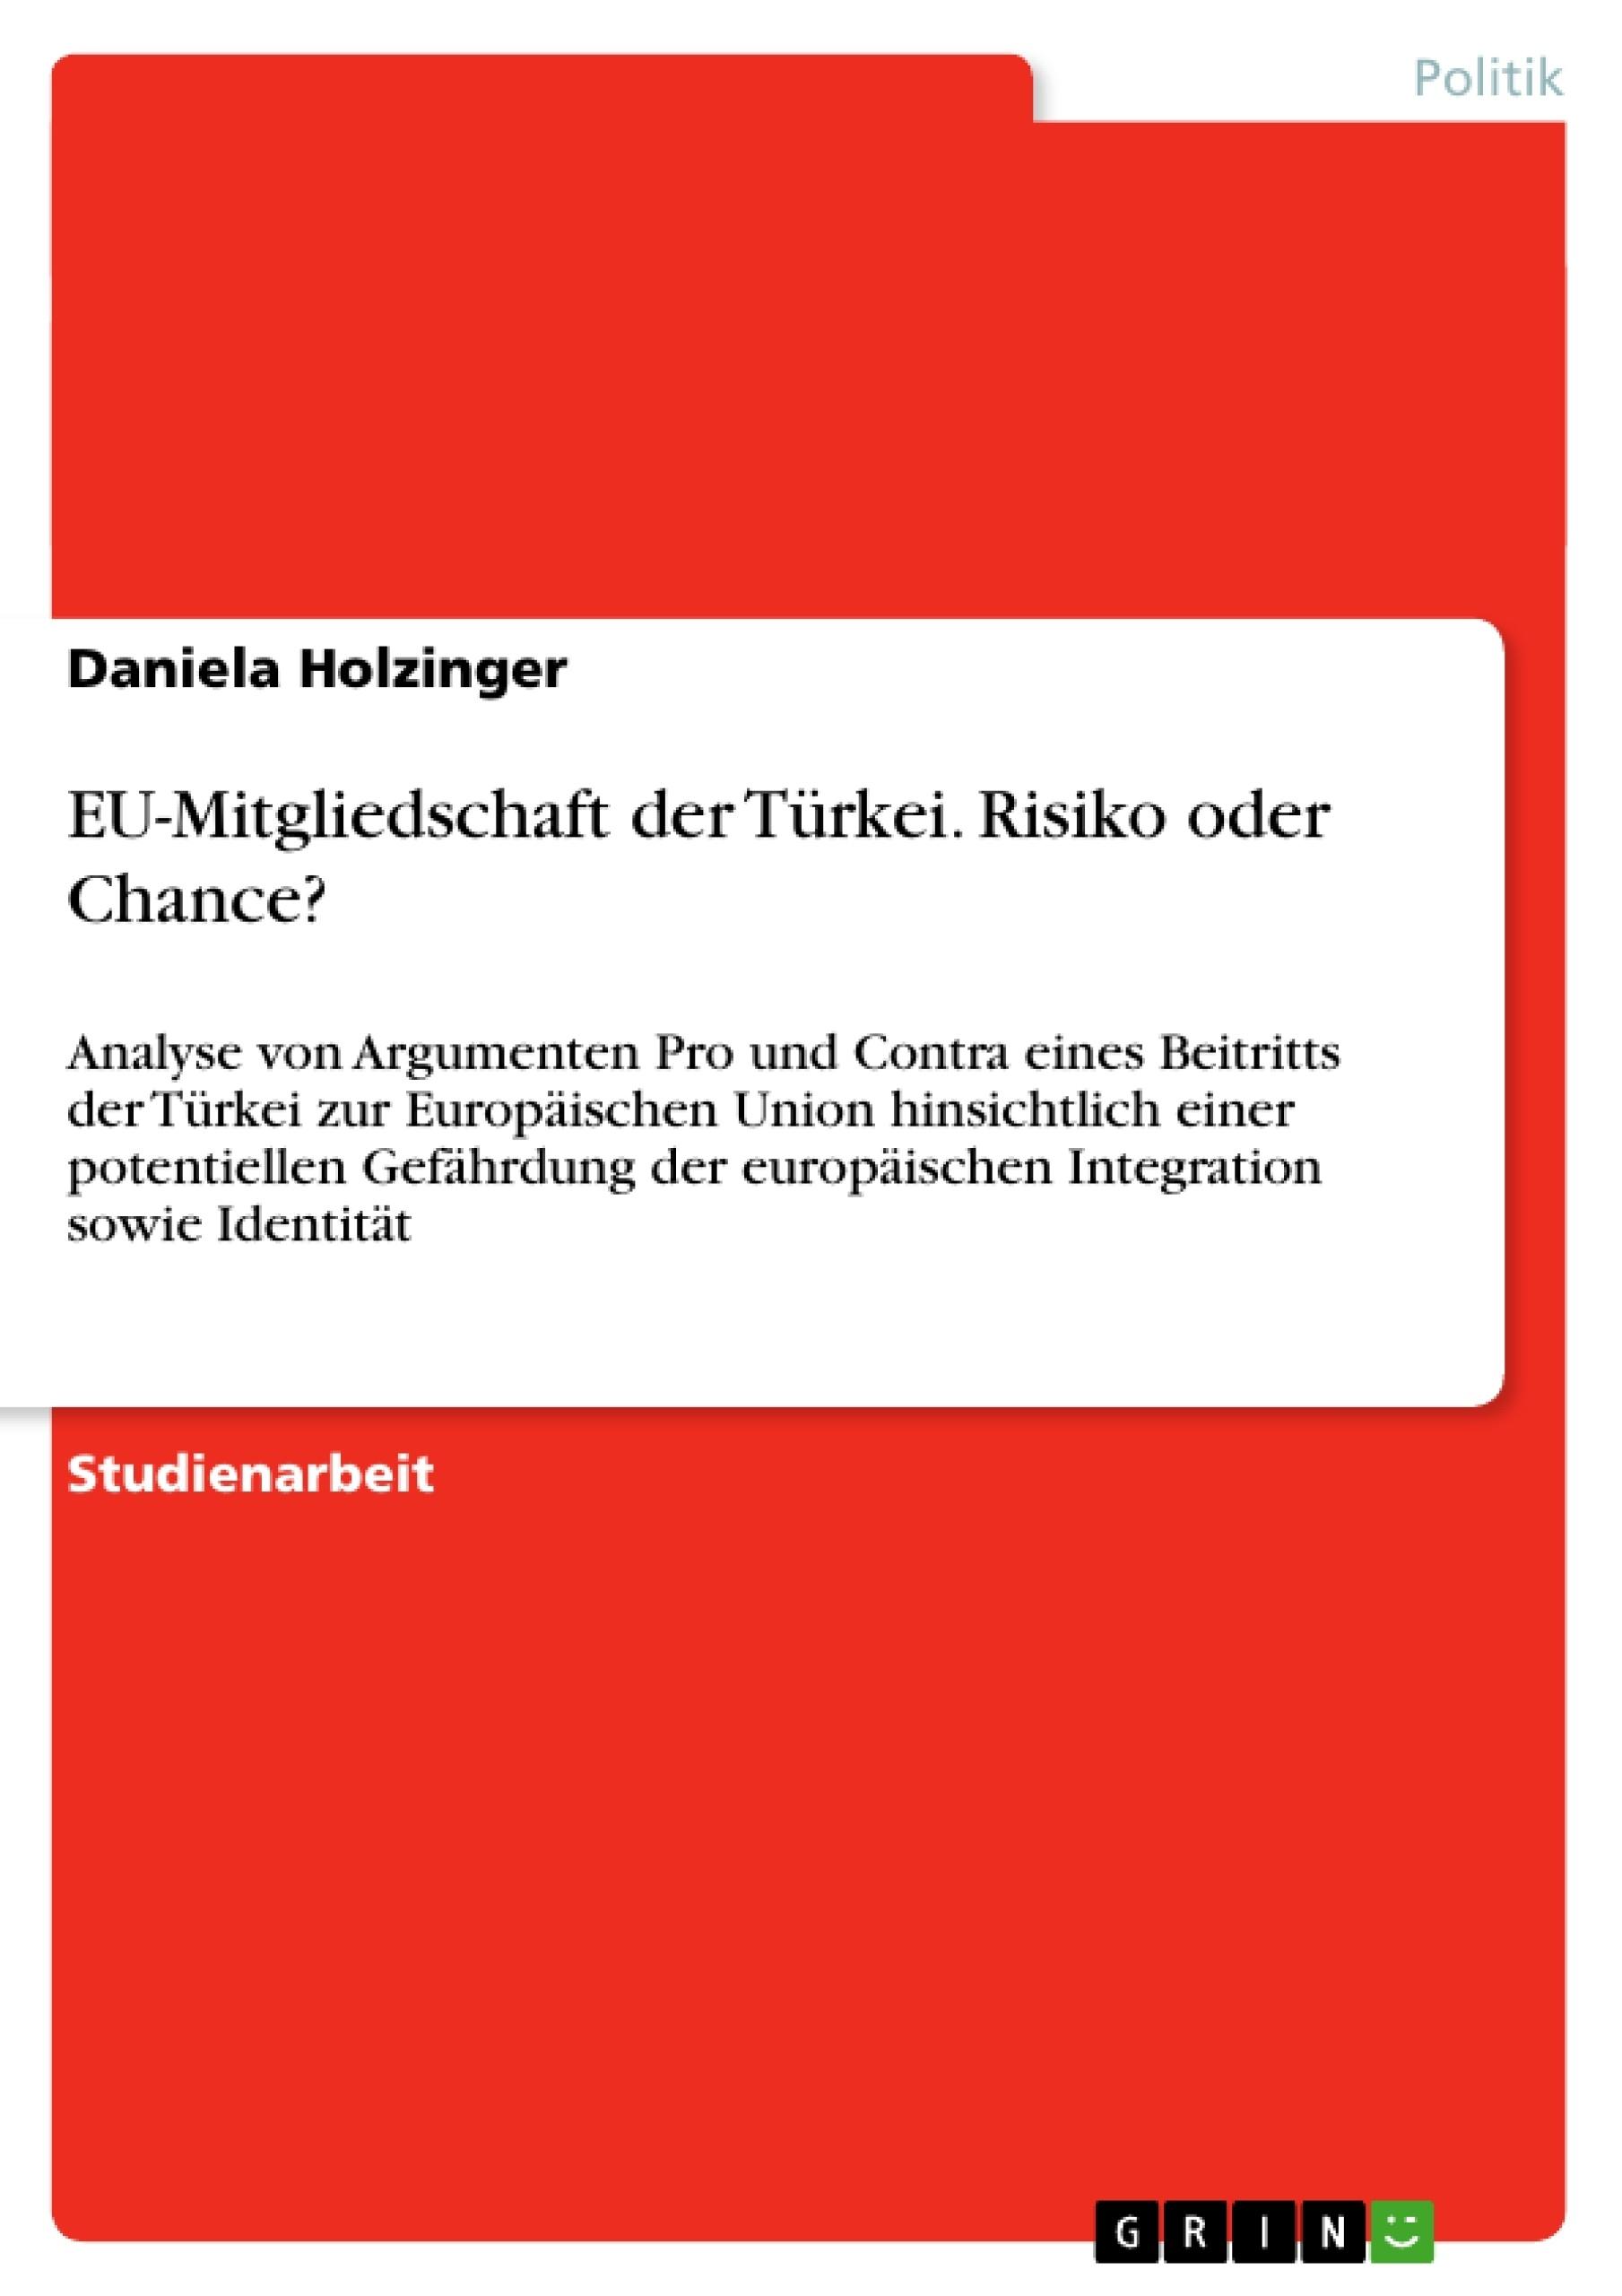 Titel: EU-Mitgliedschaft der Türkei. Risiko oder Chance?